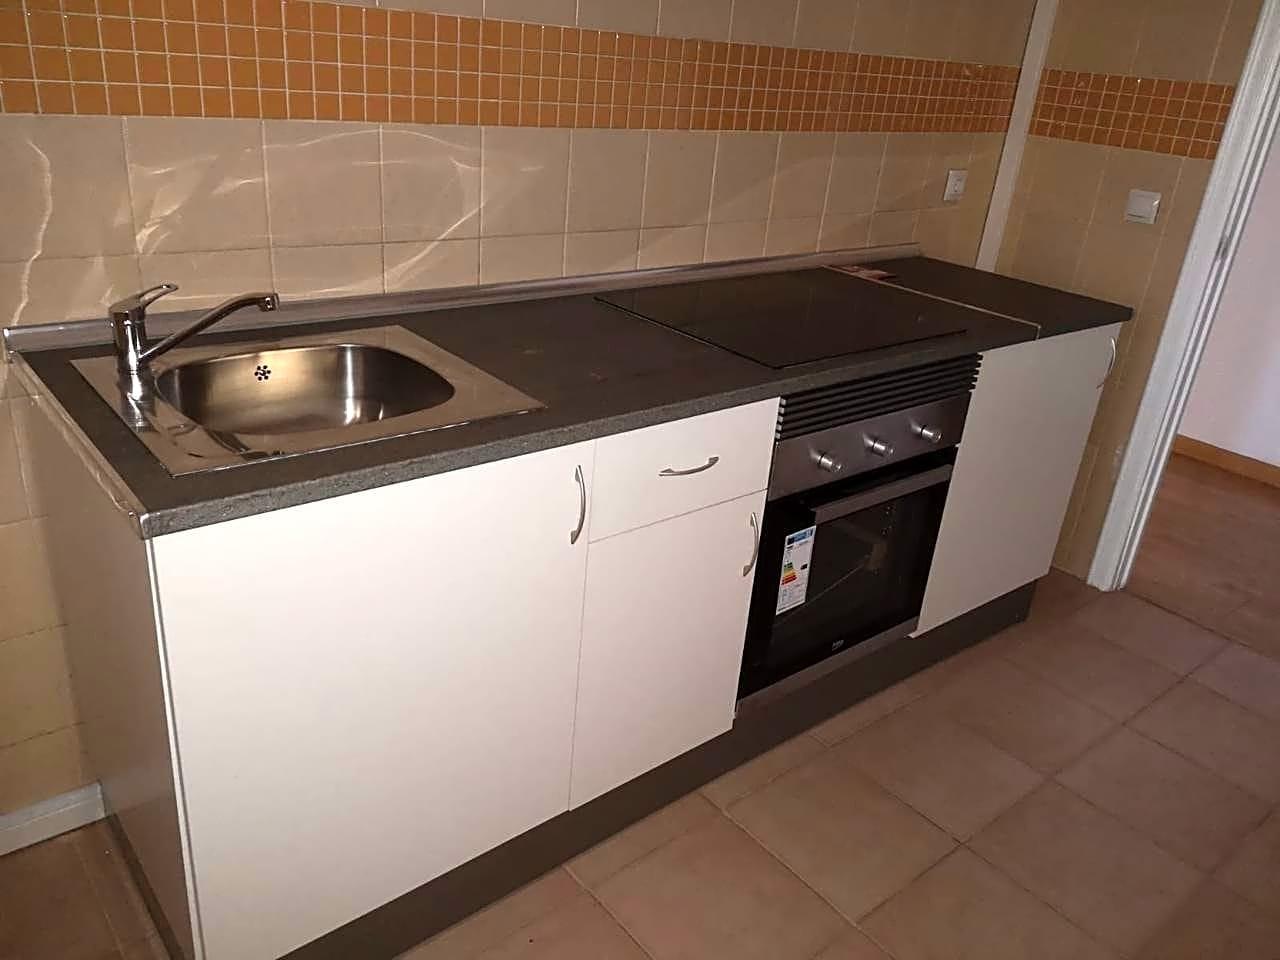 Hogalia soluciones inmobiliarias piso en alquiler en dos hermanas de 102 m2 - Pisos de alquiler en dos hermanas particulares ...